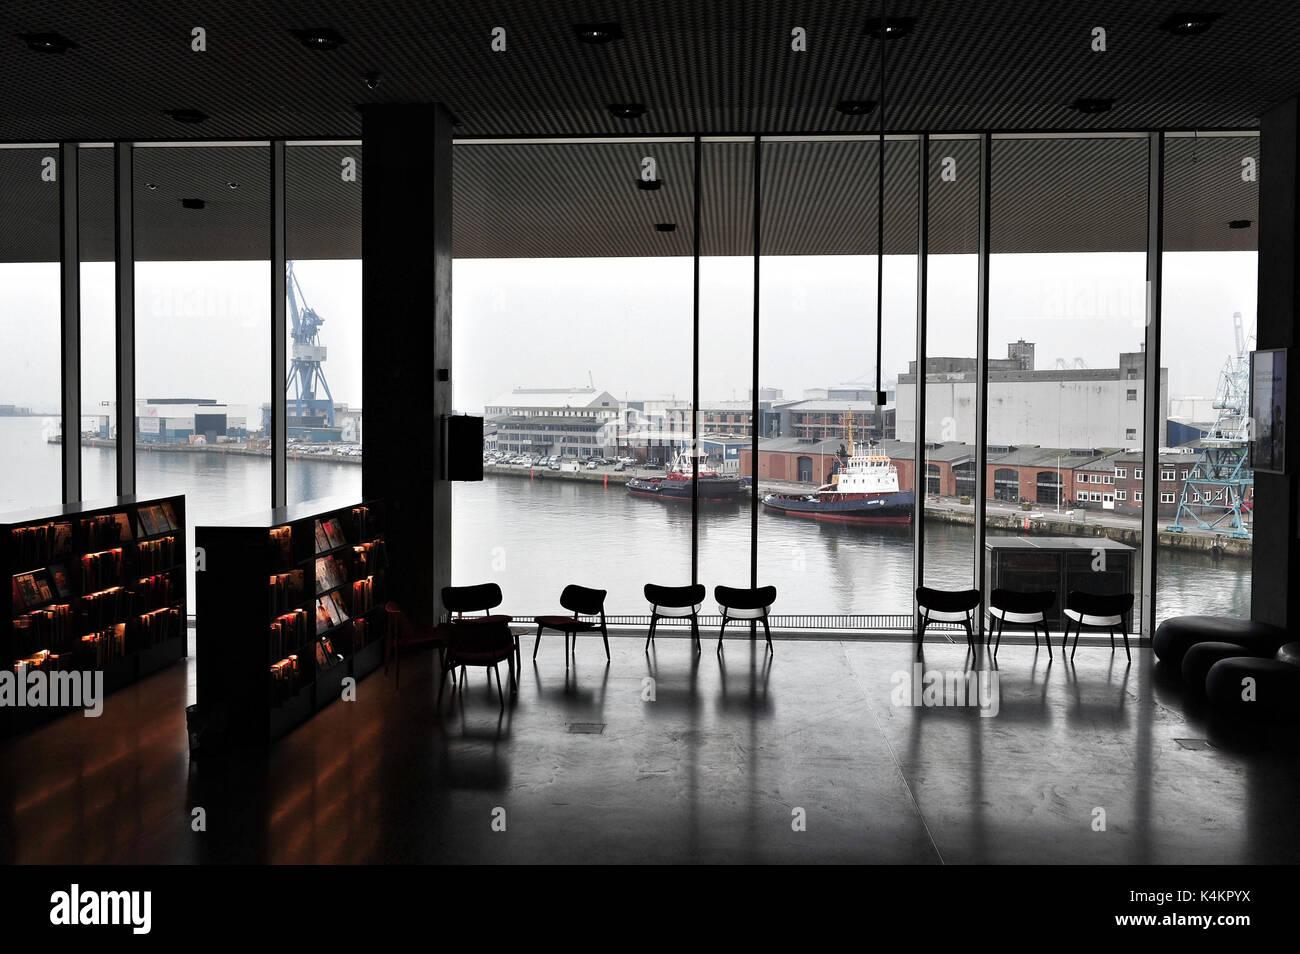 Anzeigen von Aarhus\' Waterfront aus der Bibliothek im Inneren dokk 1 ...